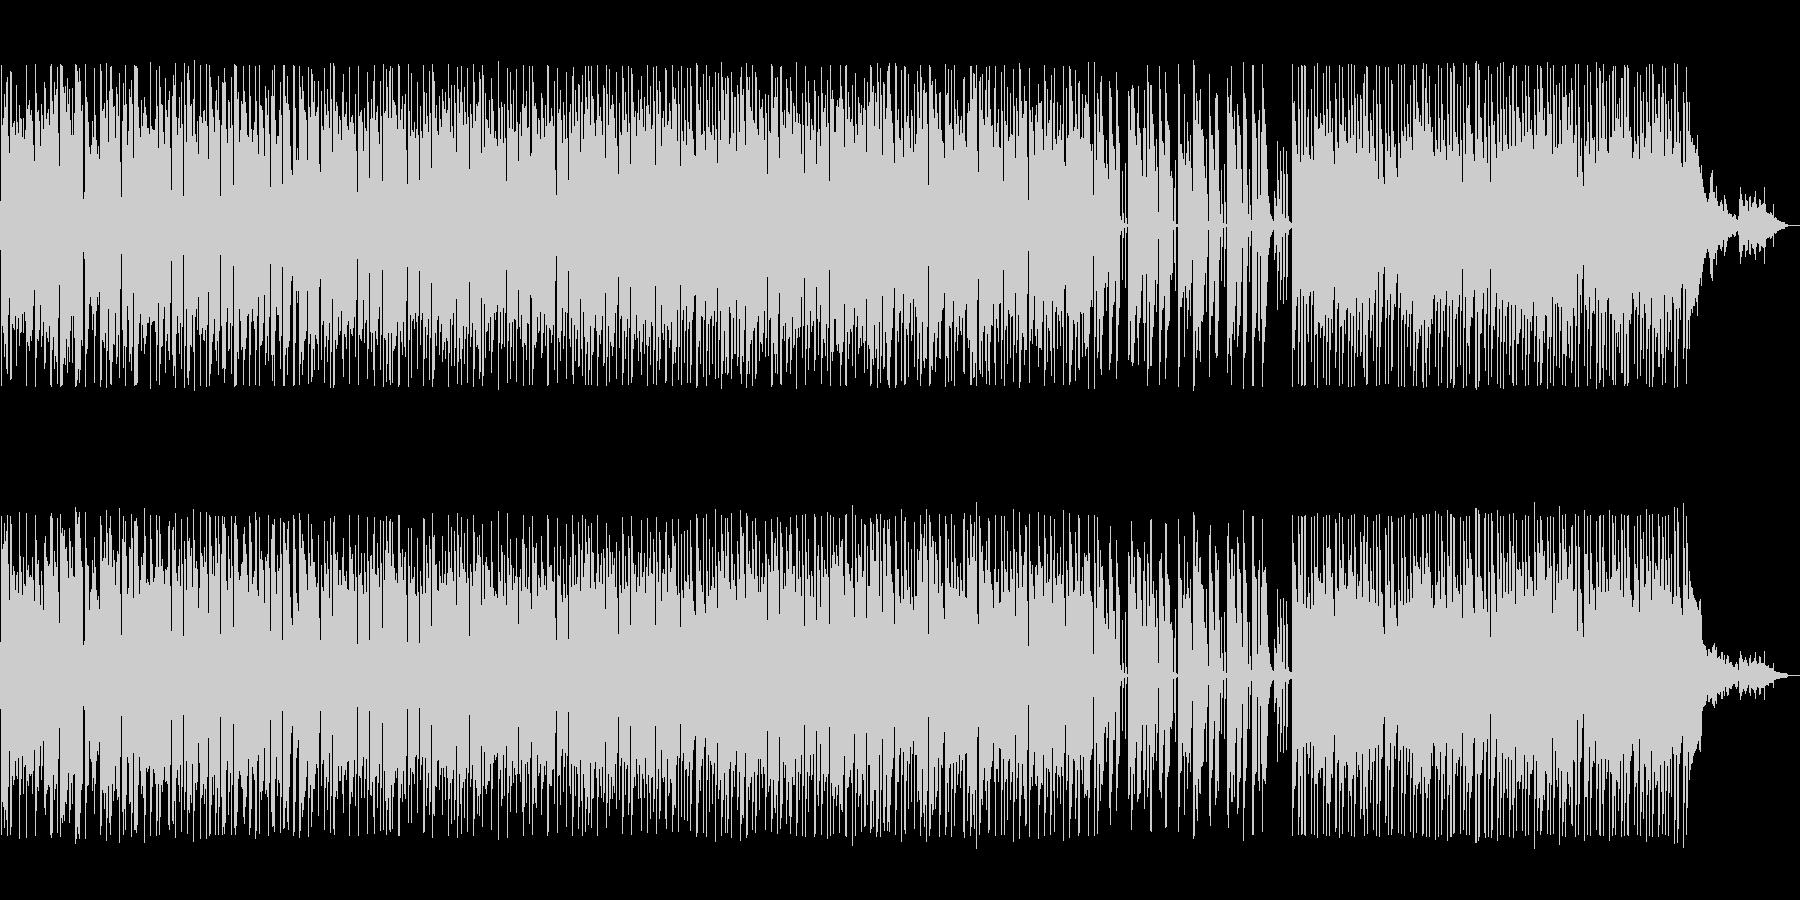 ウキウキする軽快なシンセボサノバの未再生の波形